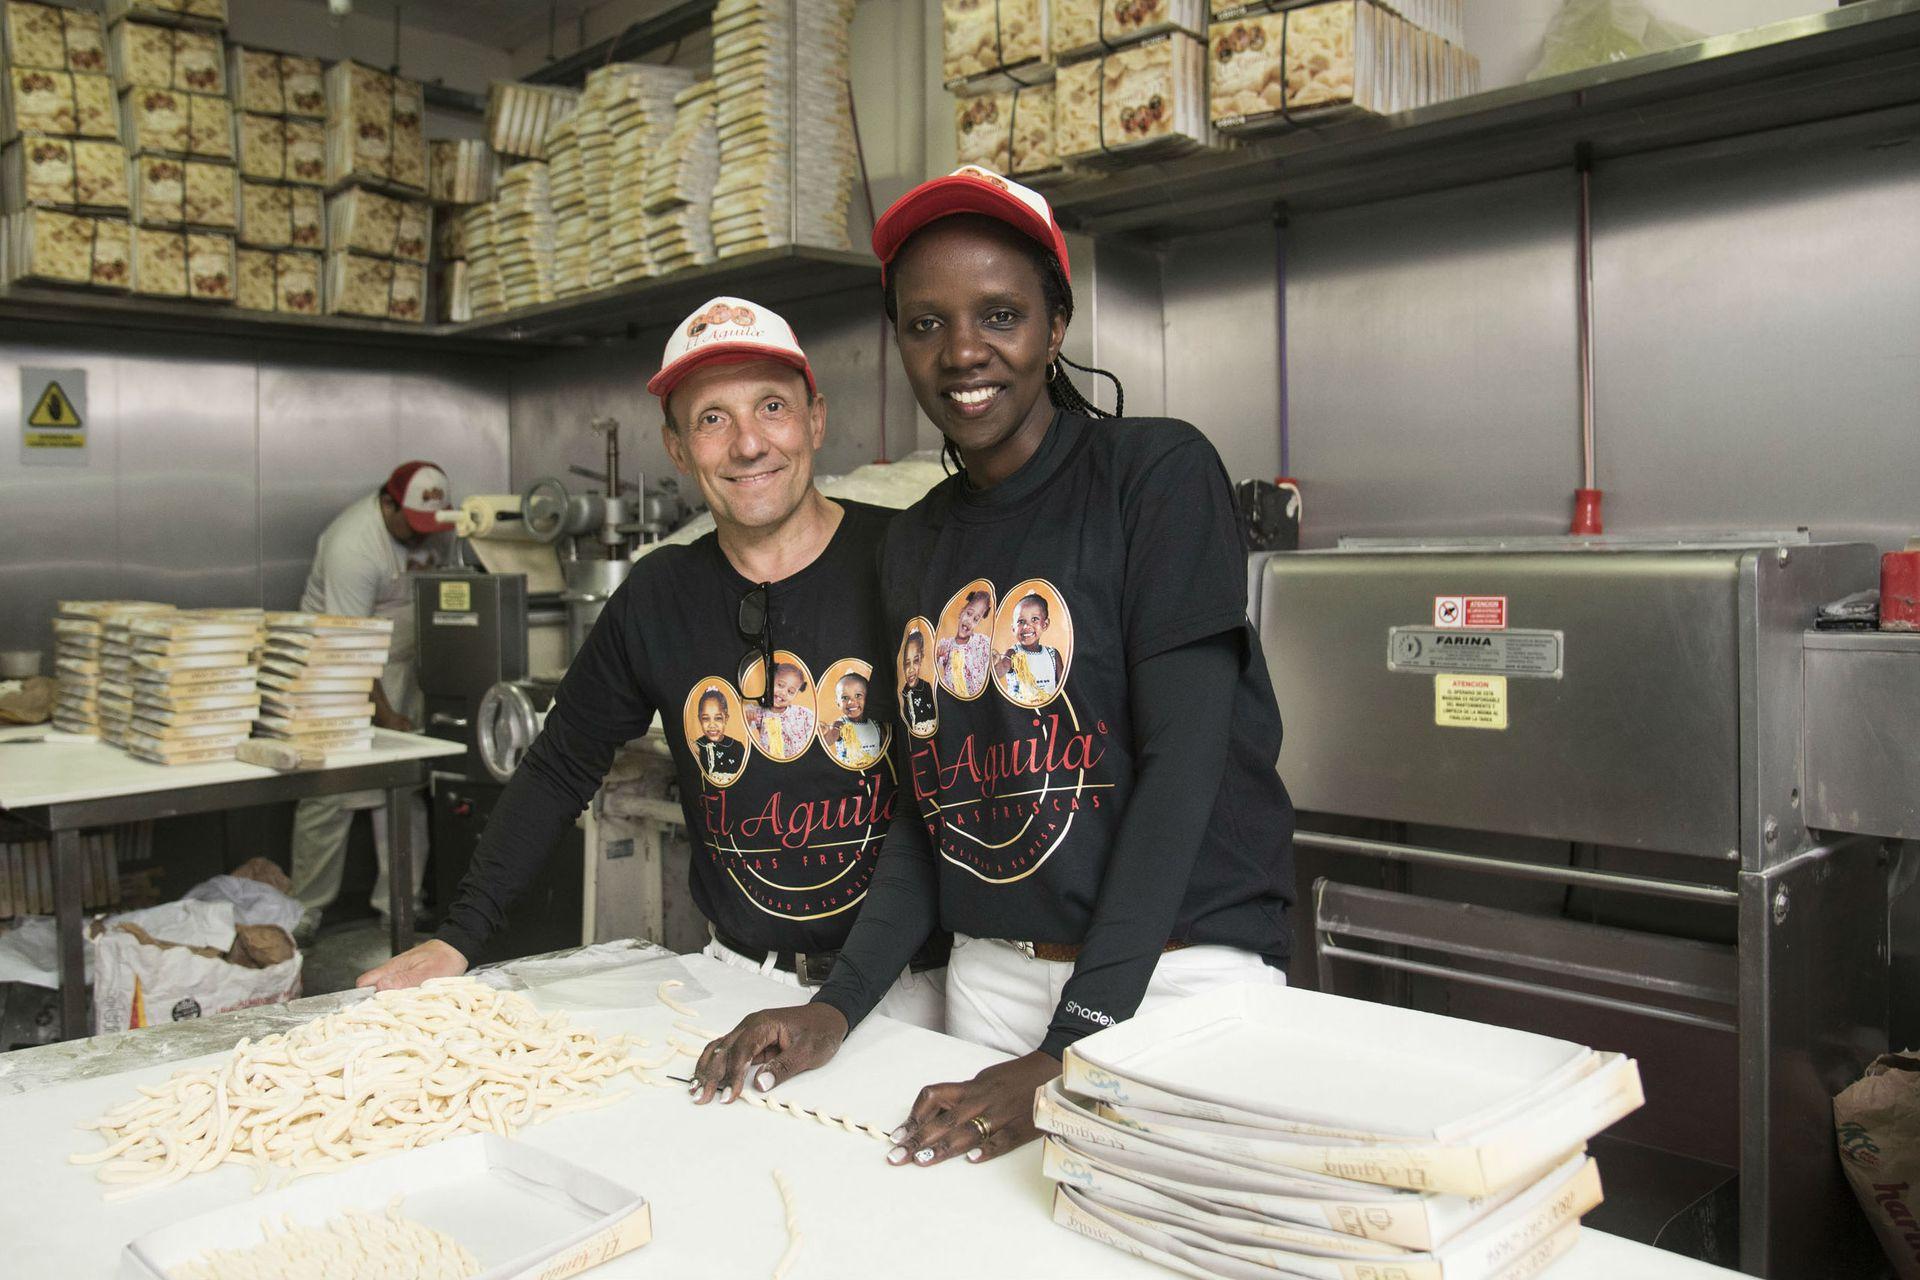 Therese y Jorge trabajan juntos en la fábrica de pastas